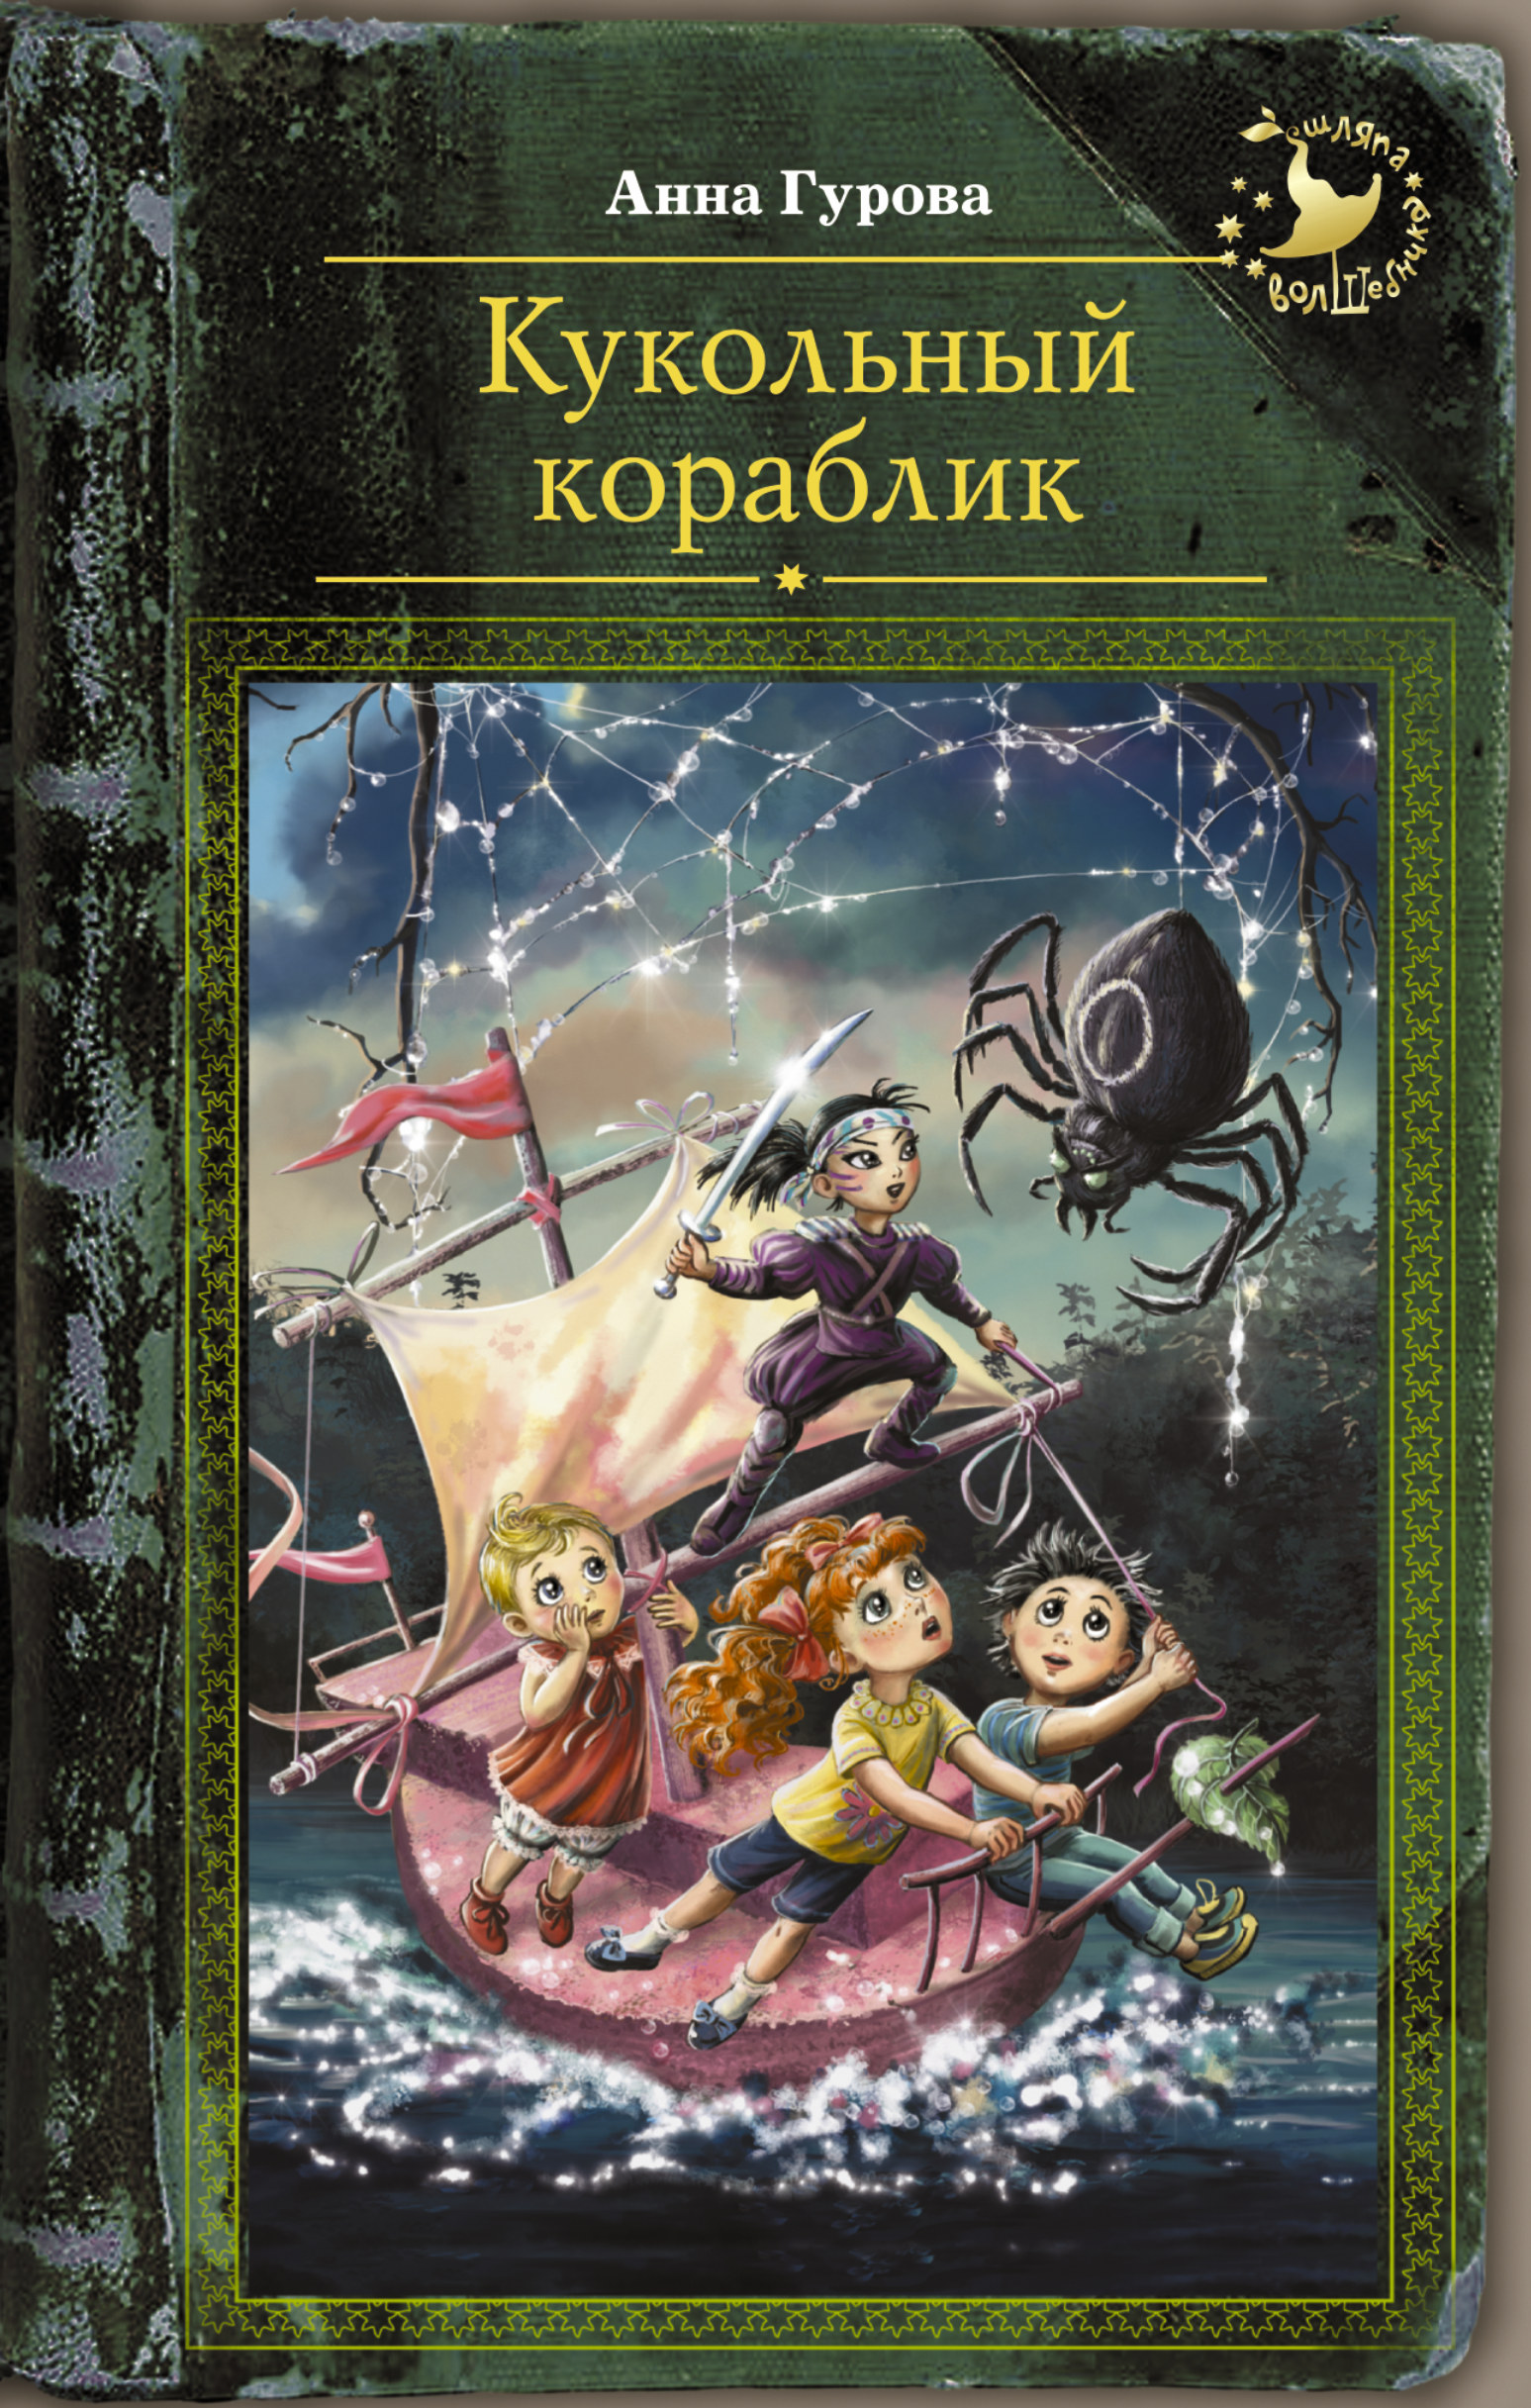 Анна Гурова Кукольный кораблик анна гурова кукольный кораблик